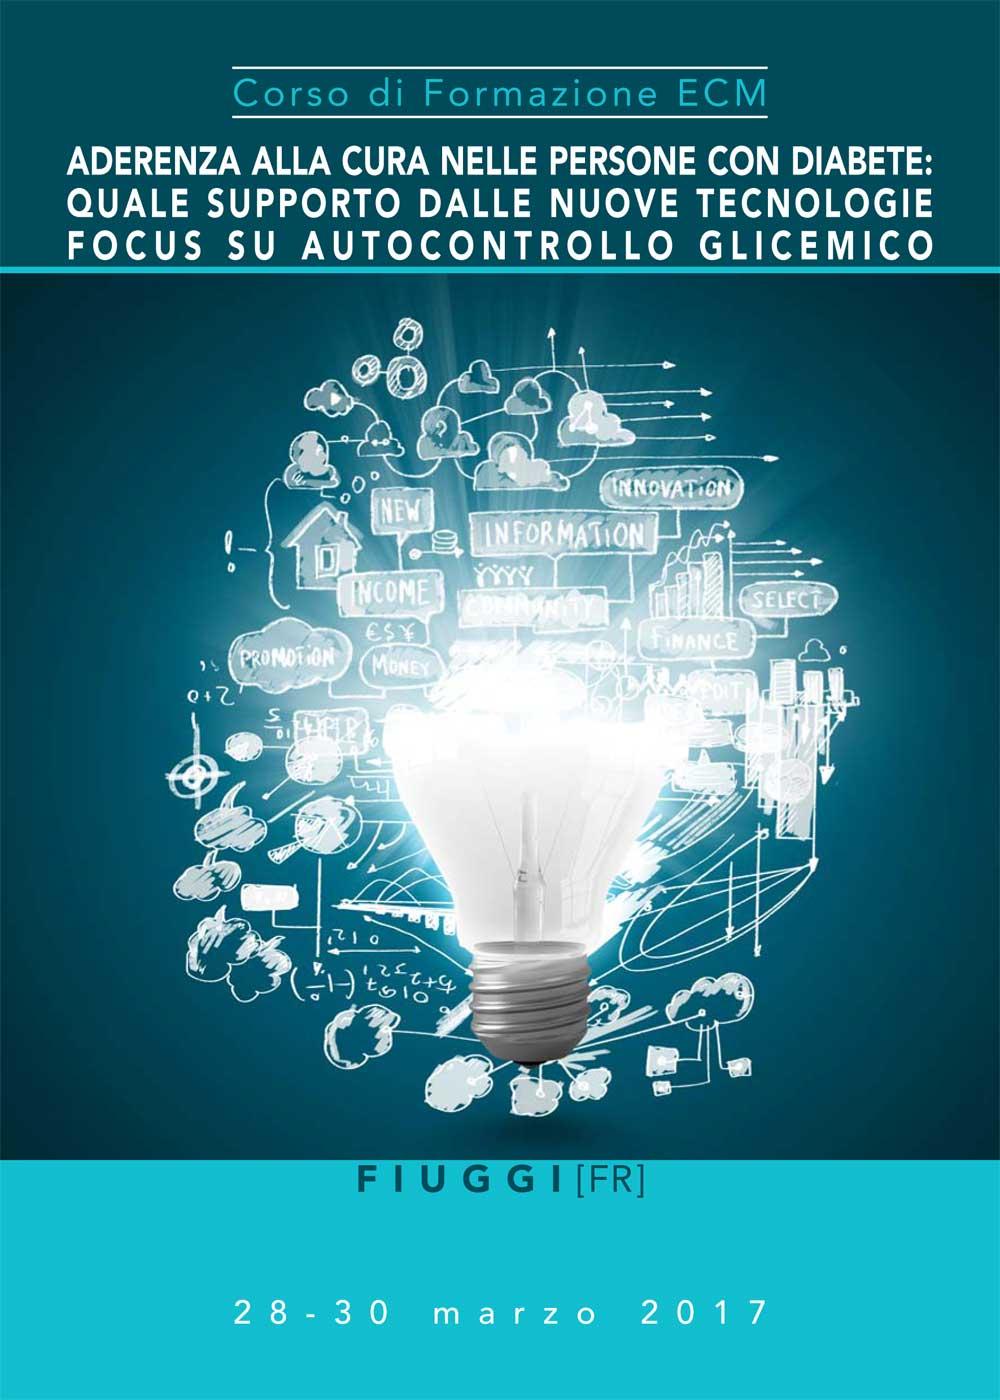 Corso_ECM_cura_diabete_Fiuggi-1000